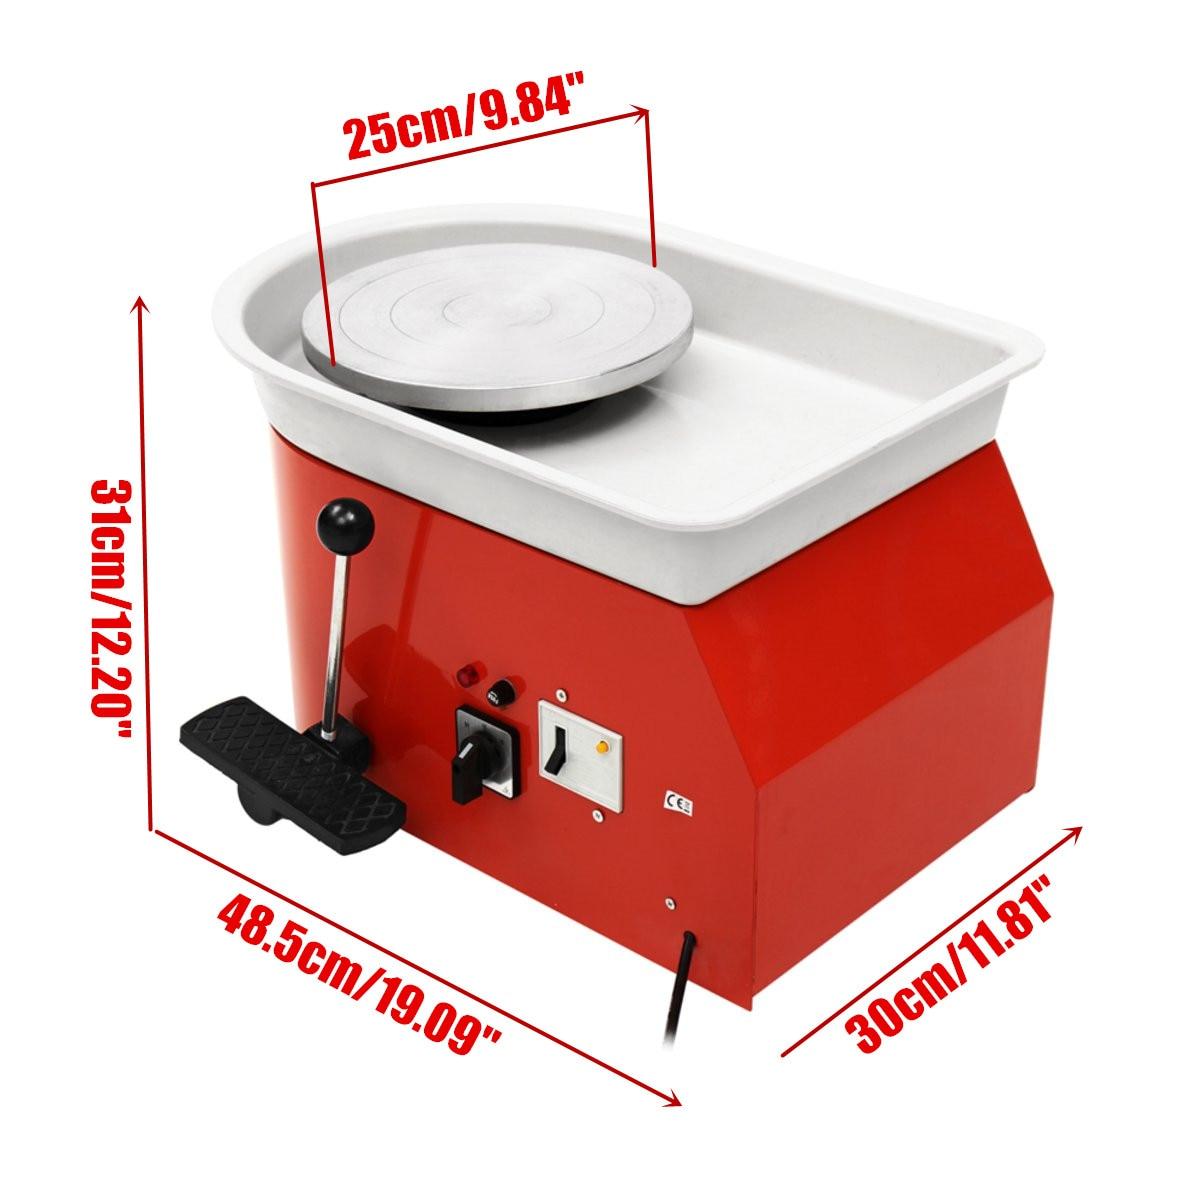 25 cm poterie électrique roue poterie formant la Machine argile pour travaux pratiques sculpture céramique Machine vitesse Variable réversible 220 V 250 W - 6